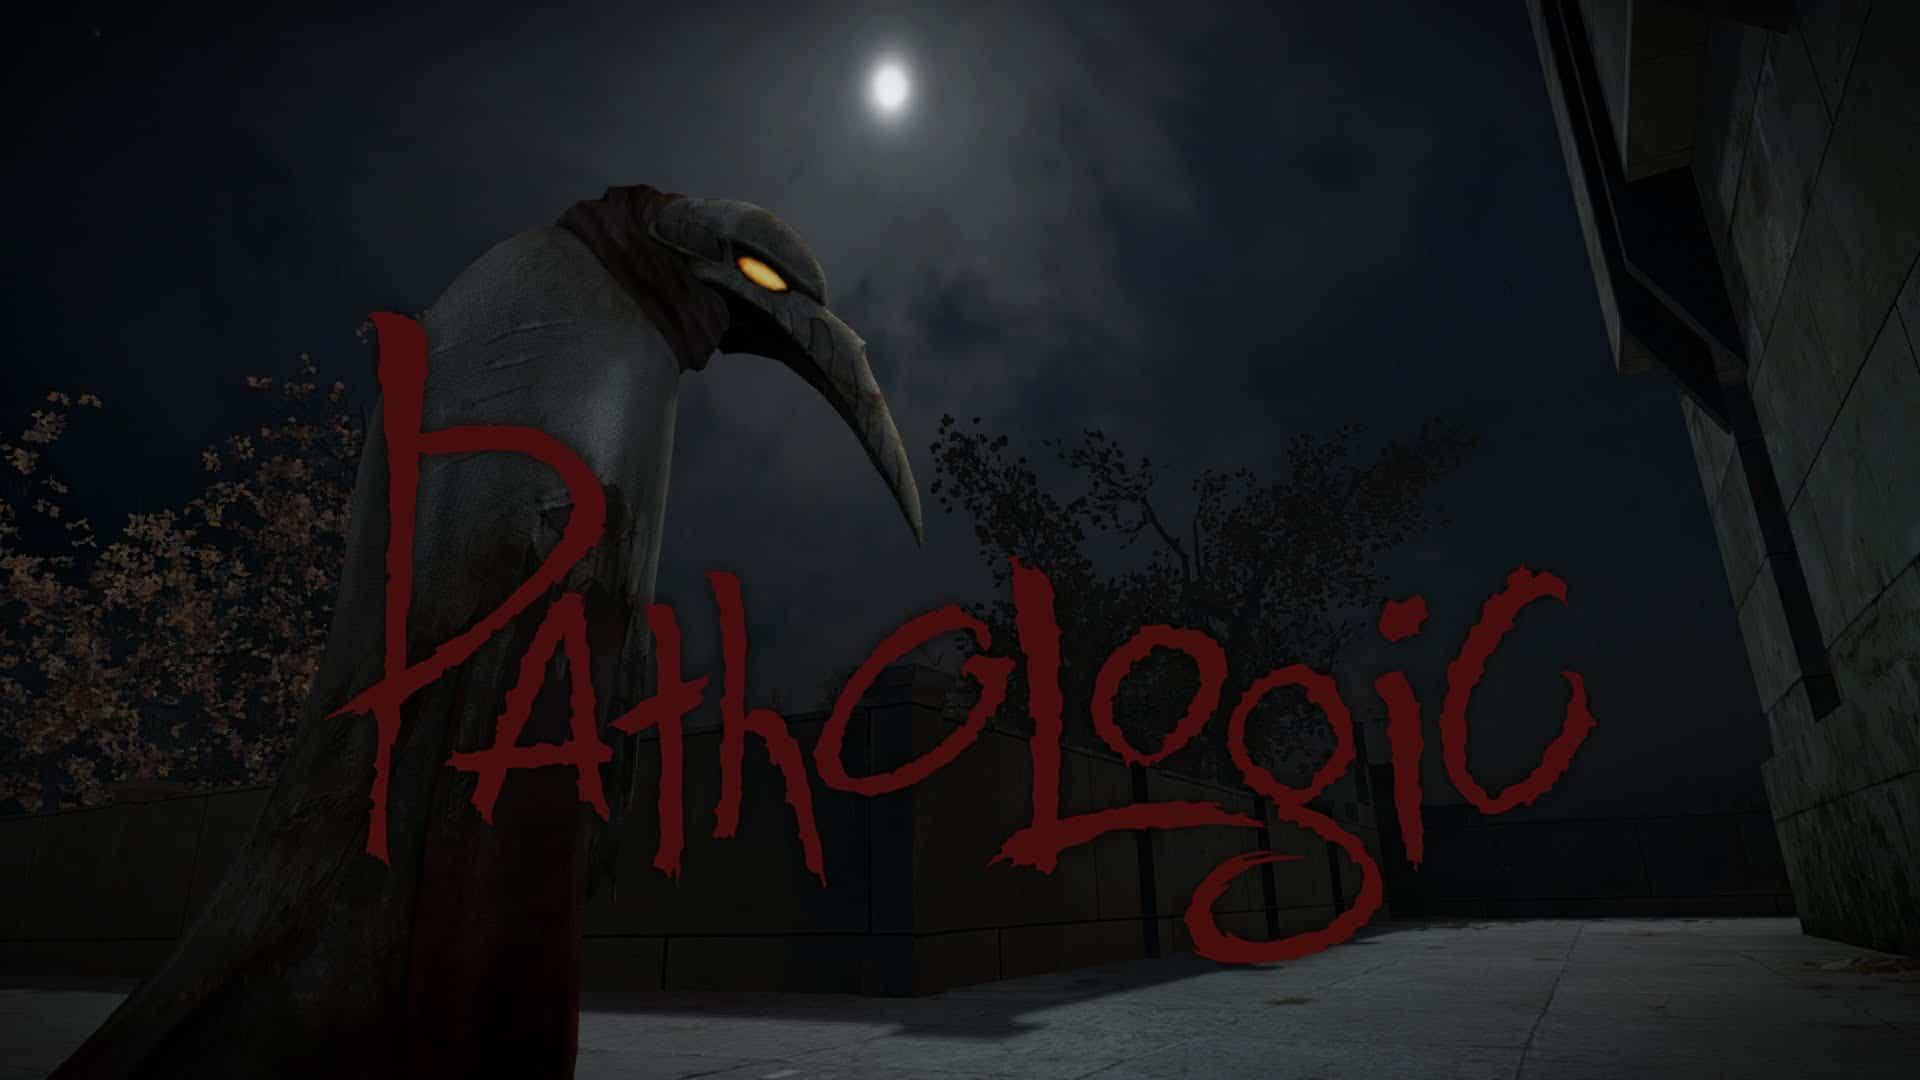 Il remake di Pathologic è stato rinviato a fine 2017